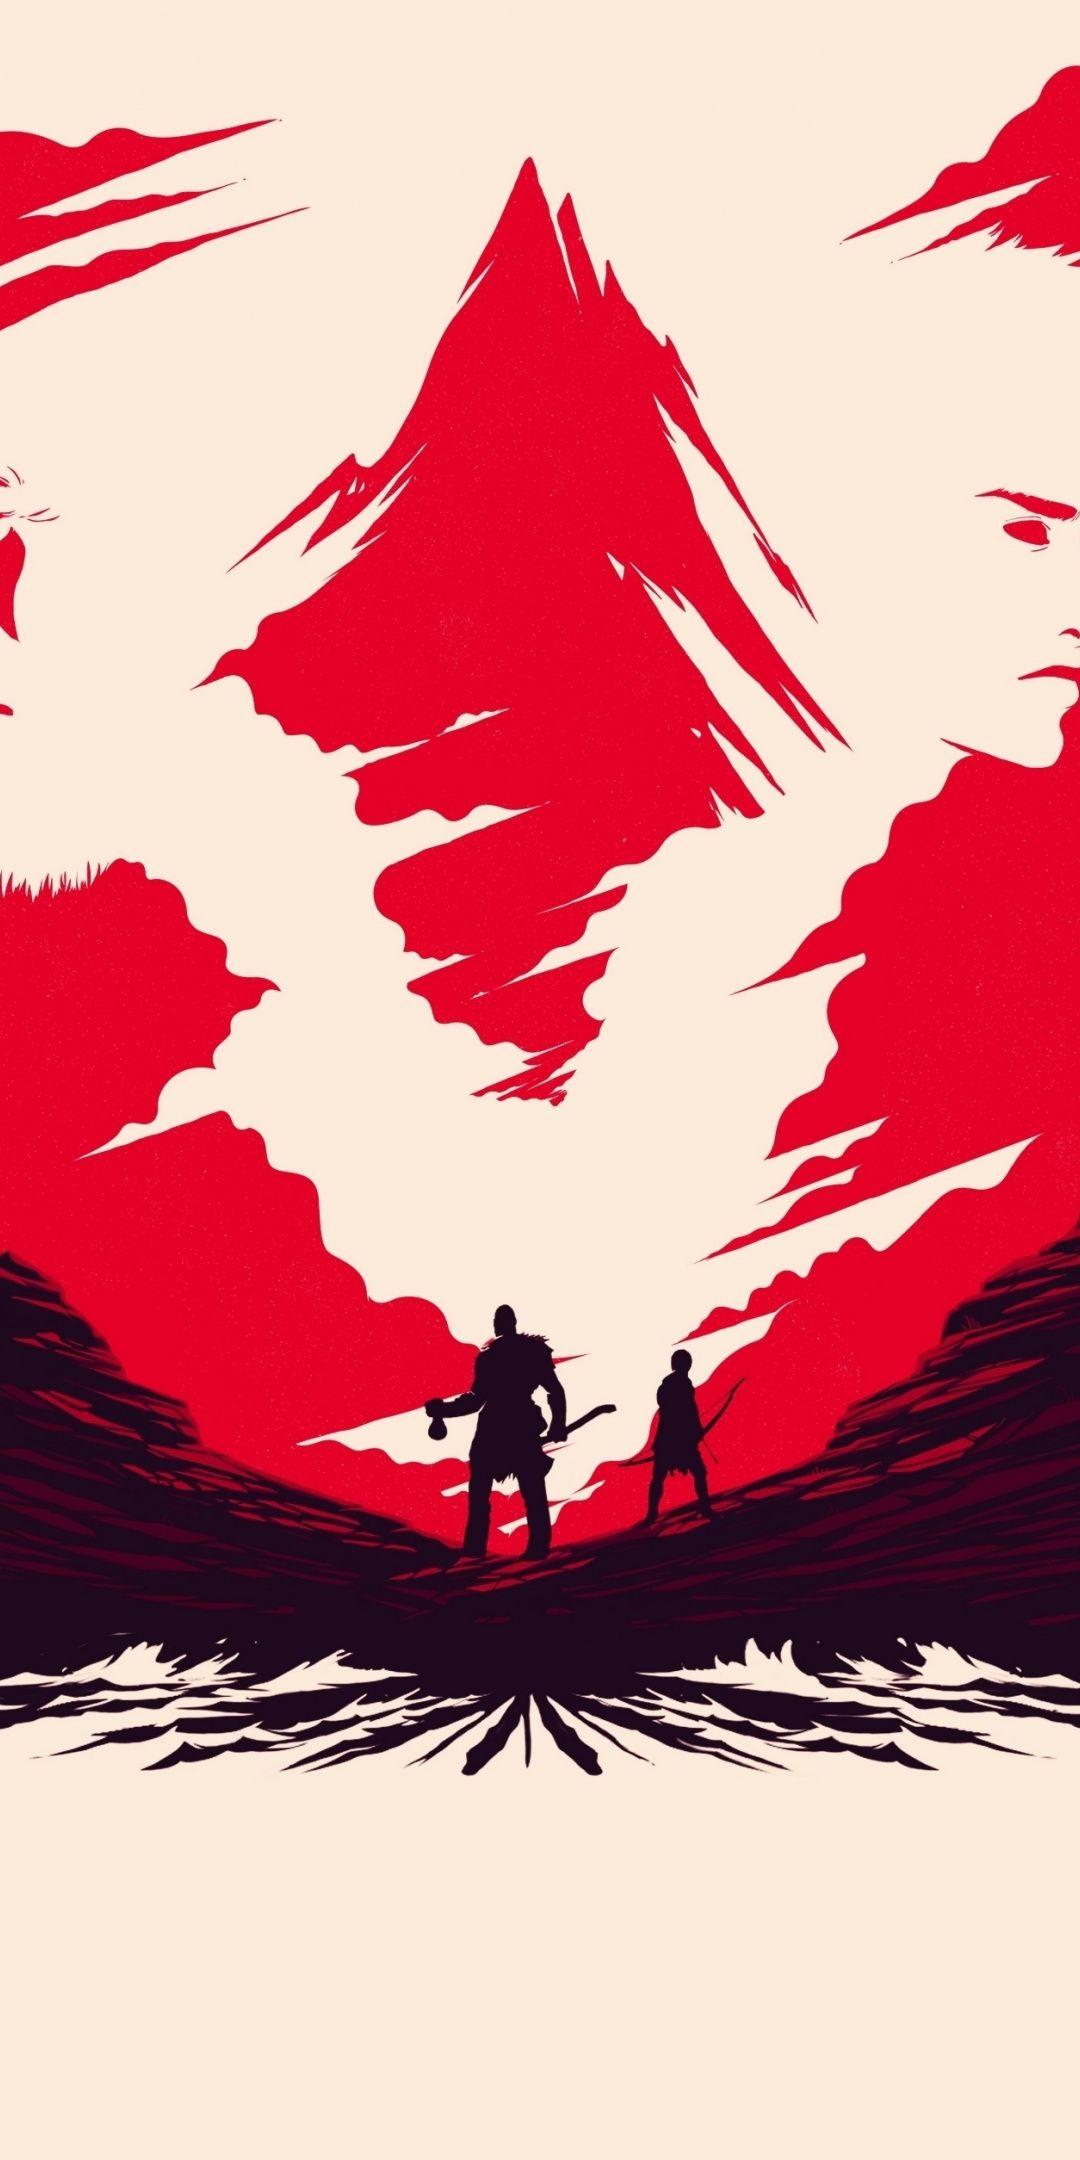 Valley Video Game God Of War Art 1080x2160 Wallpaper God Of War Kratos God Of War War Art